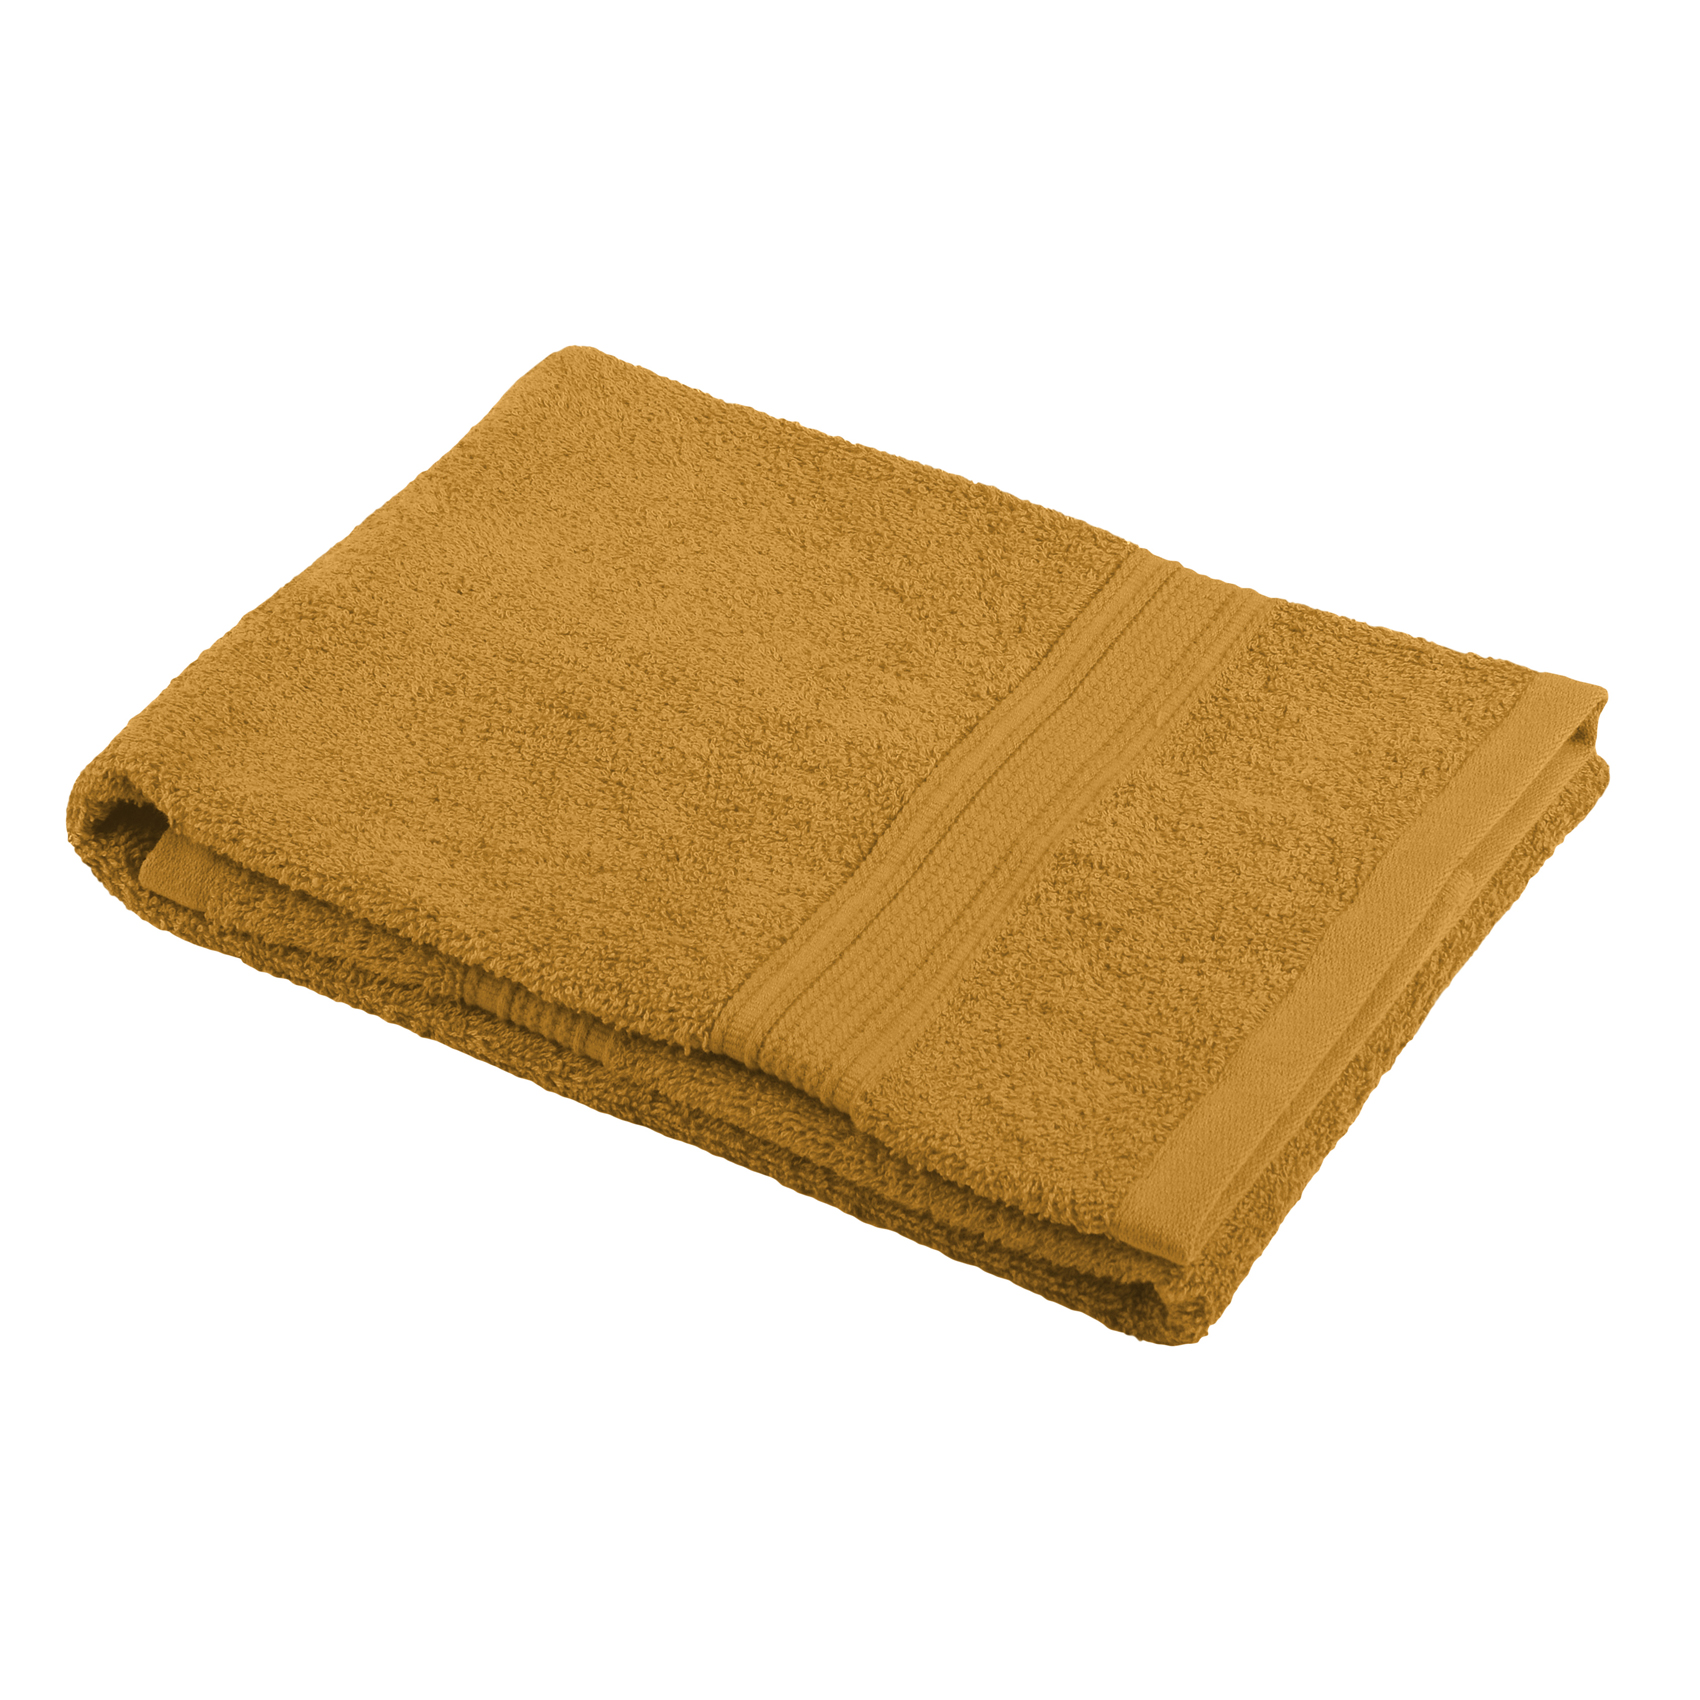 Drap de douche en coton bio coton curry 140x70